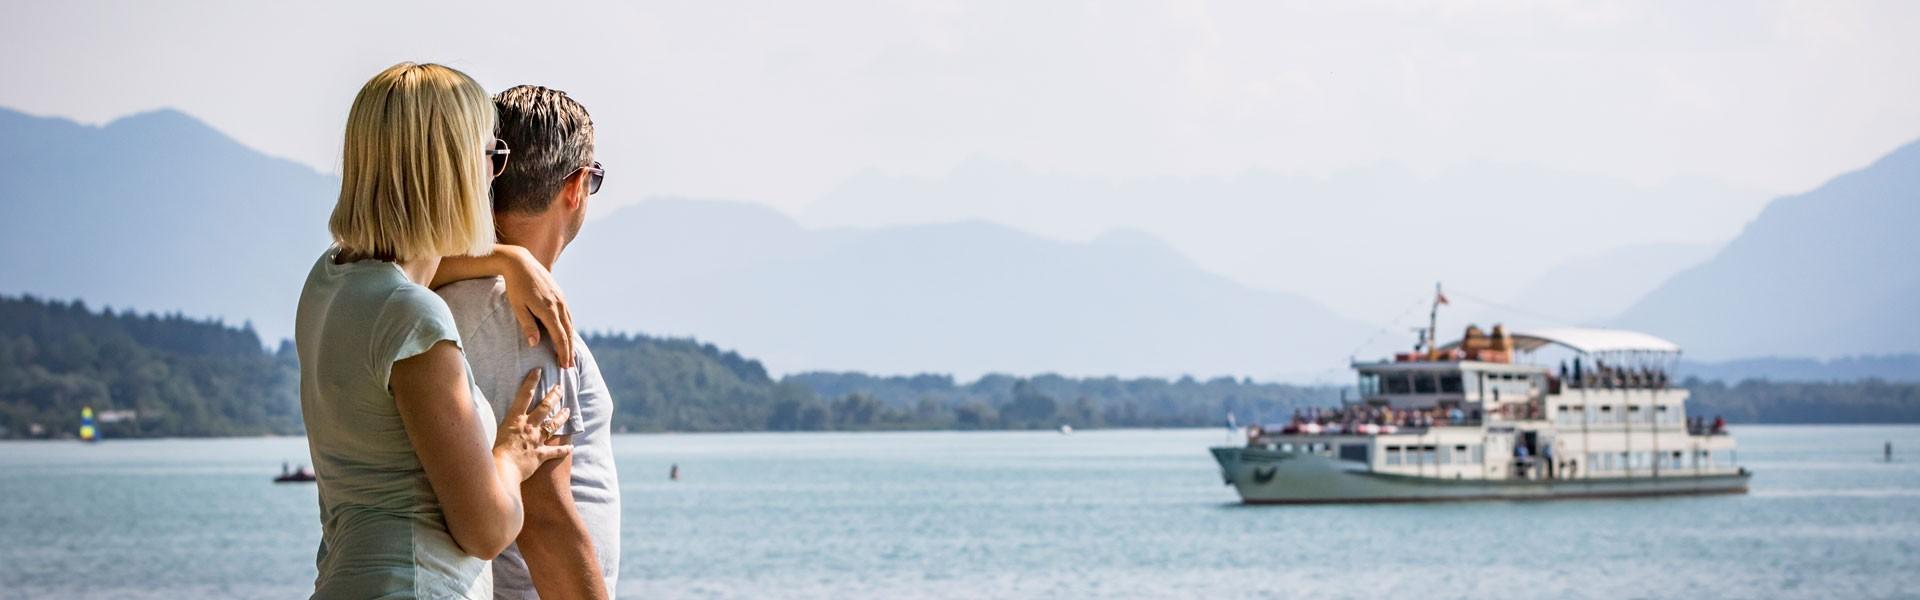 Blick auf den Chiemsee mit Schiff